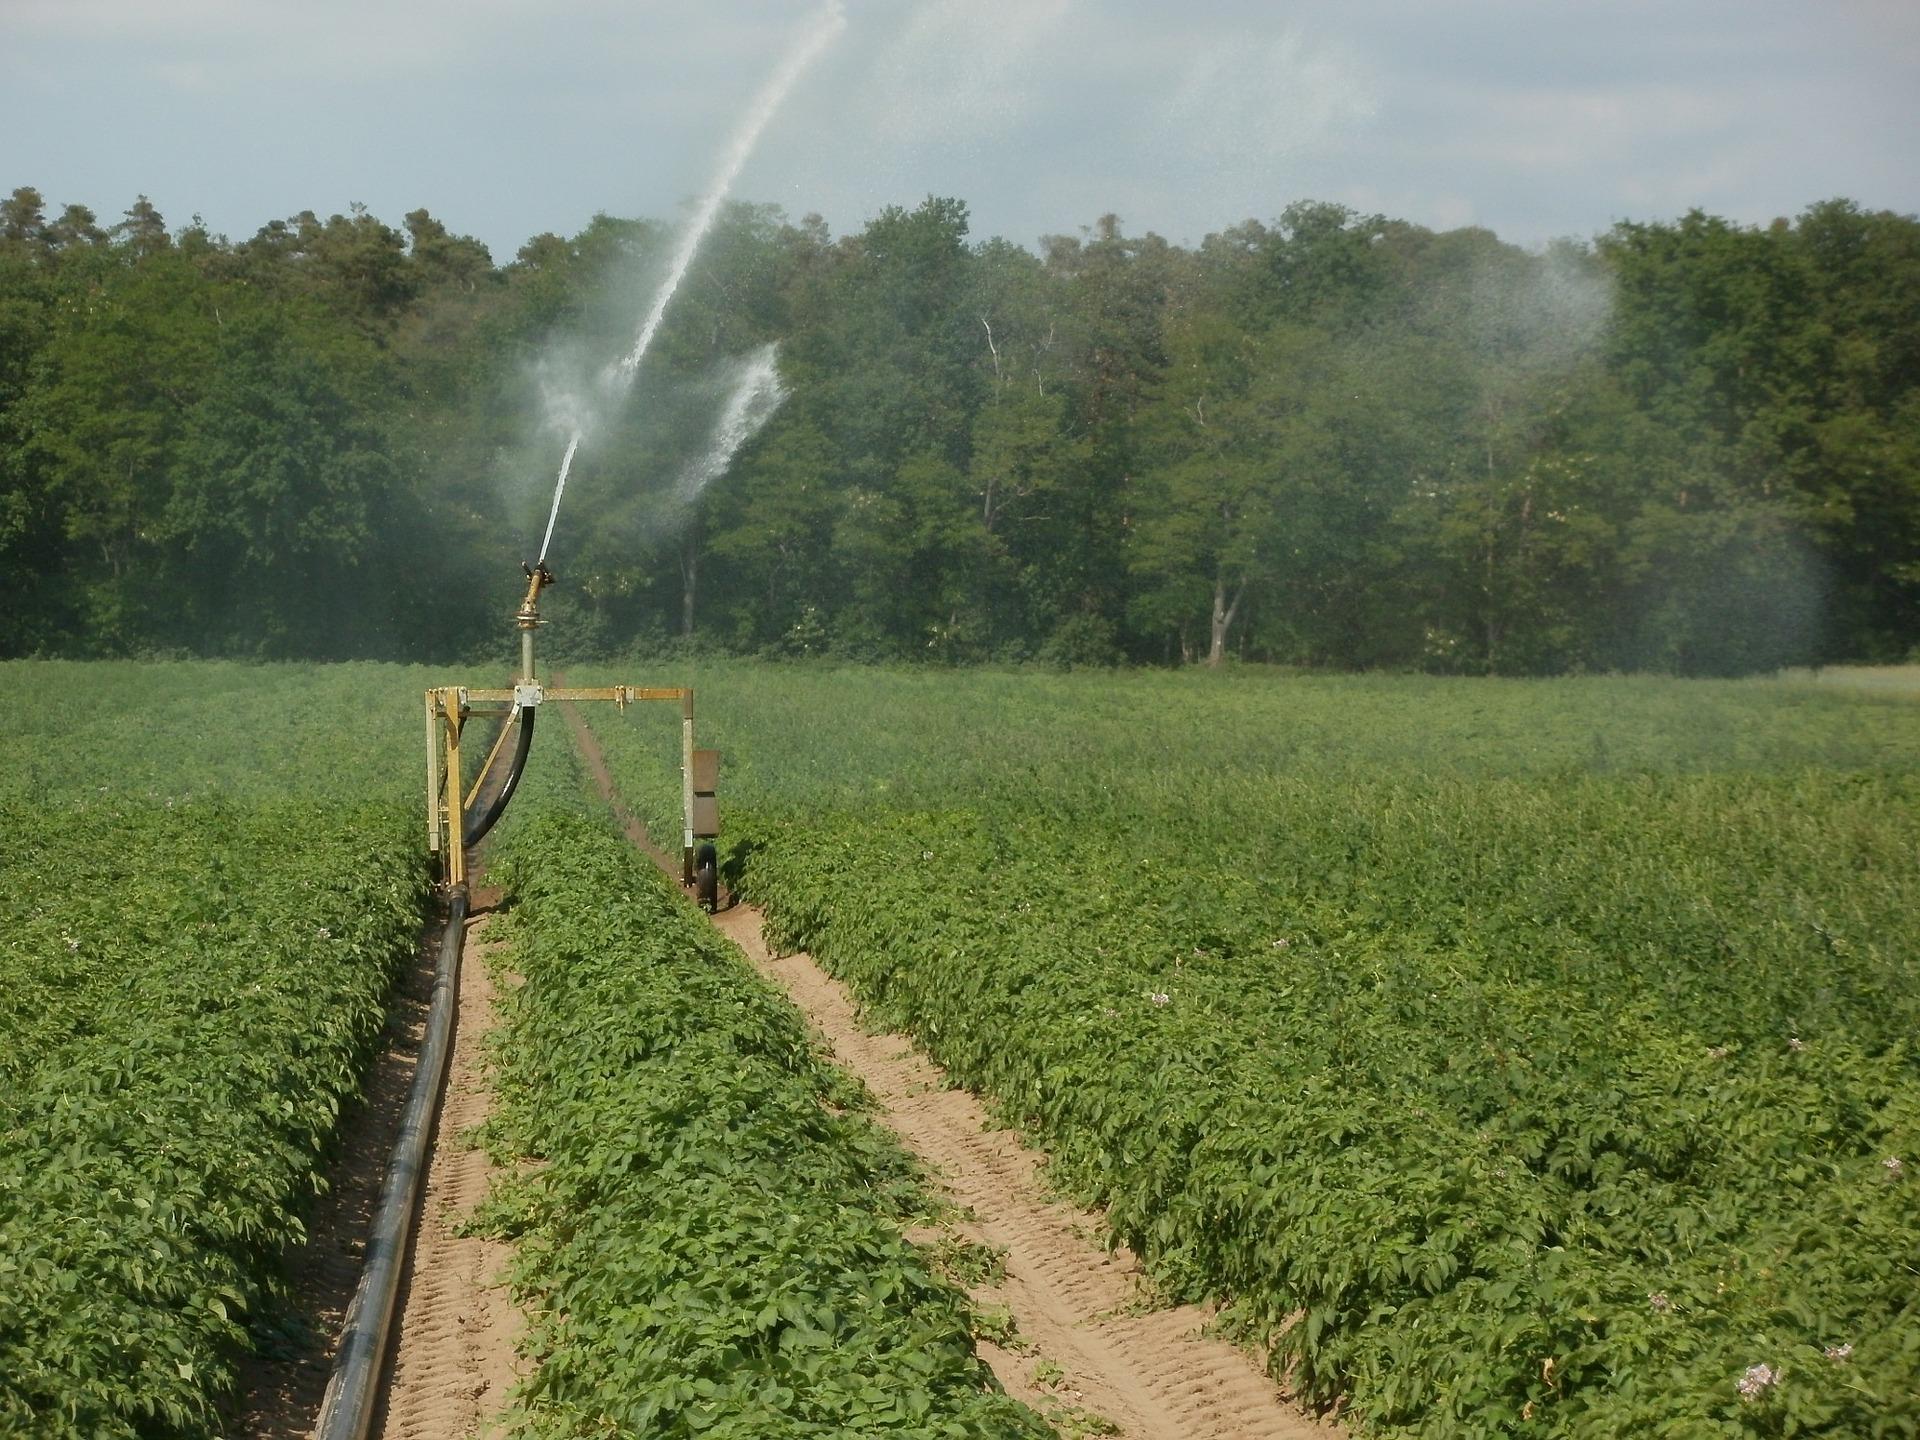 A imagem é um campo de plantação. As folhas estão sendo molhadas por um irrigador que está ligado e joga um jato muito forte de água para cima.